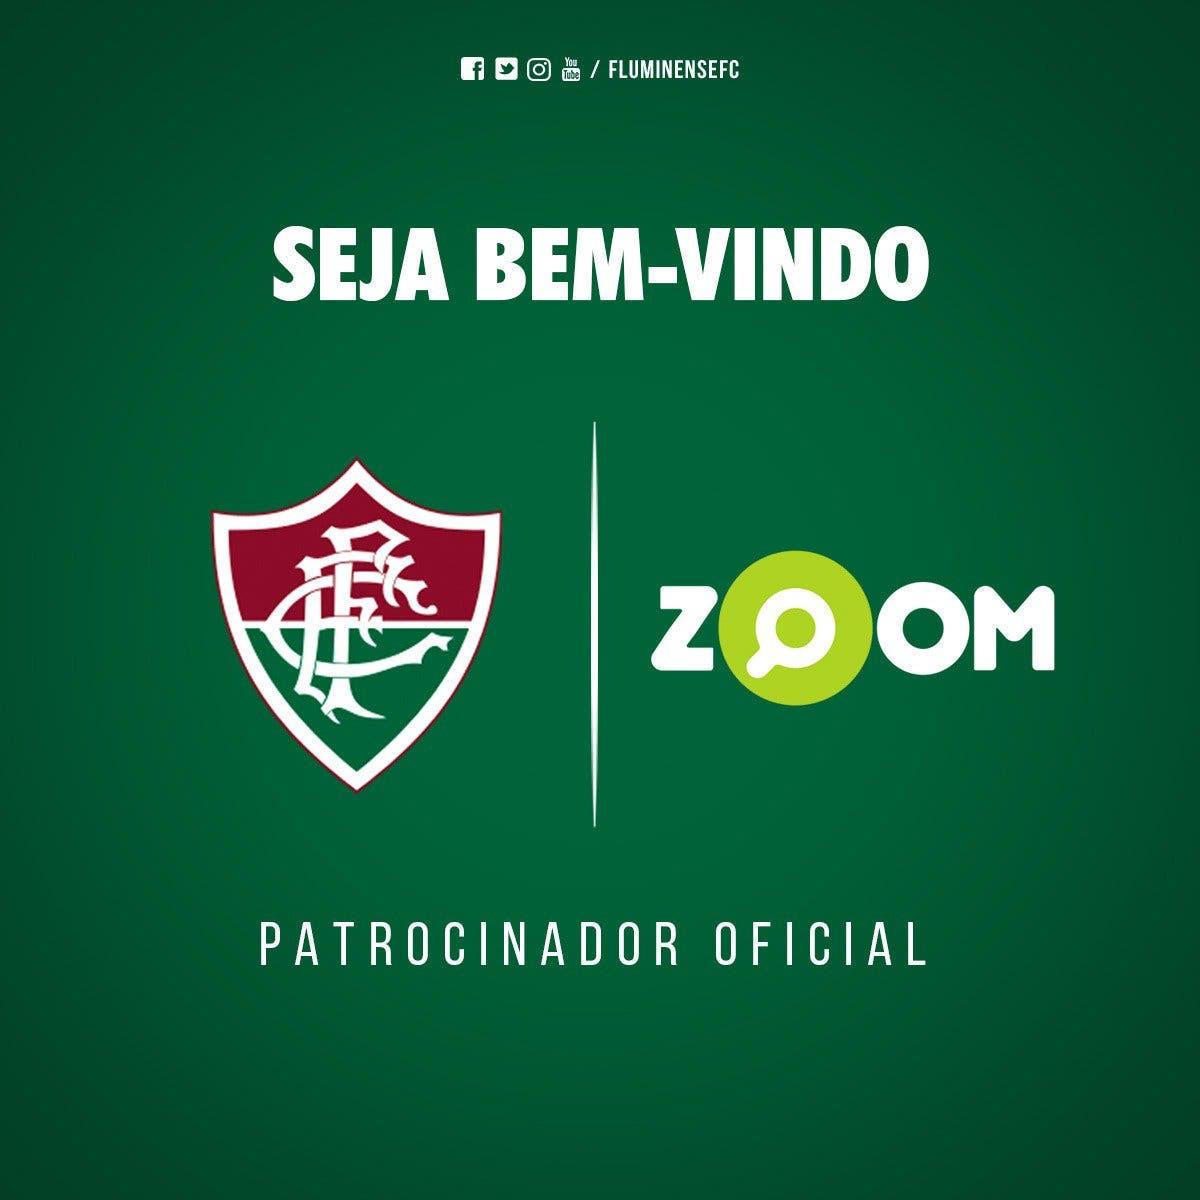 47f37a04b0 Fluminense anuncia oficialmente novo patrocínio. Zoom também patrocina o ...